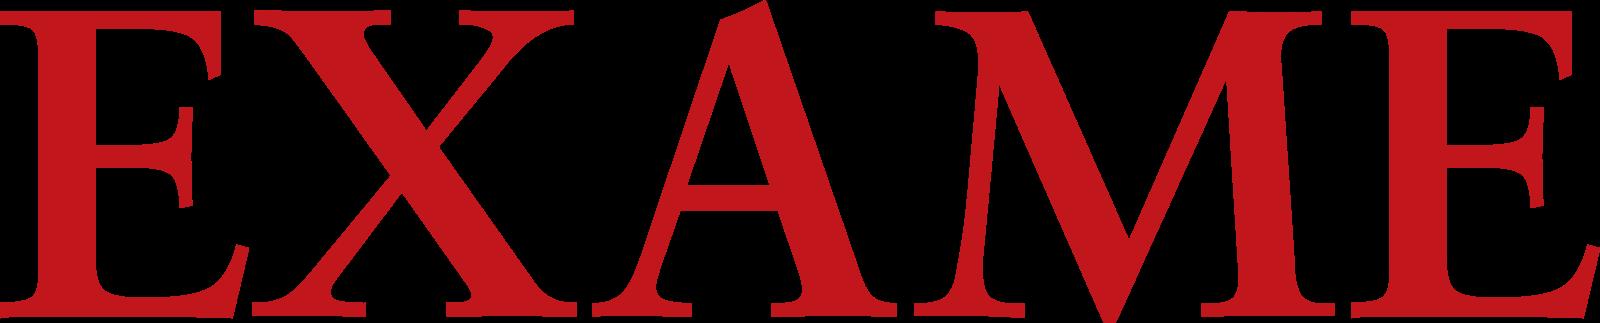 exame logo 4 - EXAME Logo (Revista)